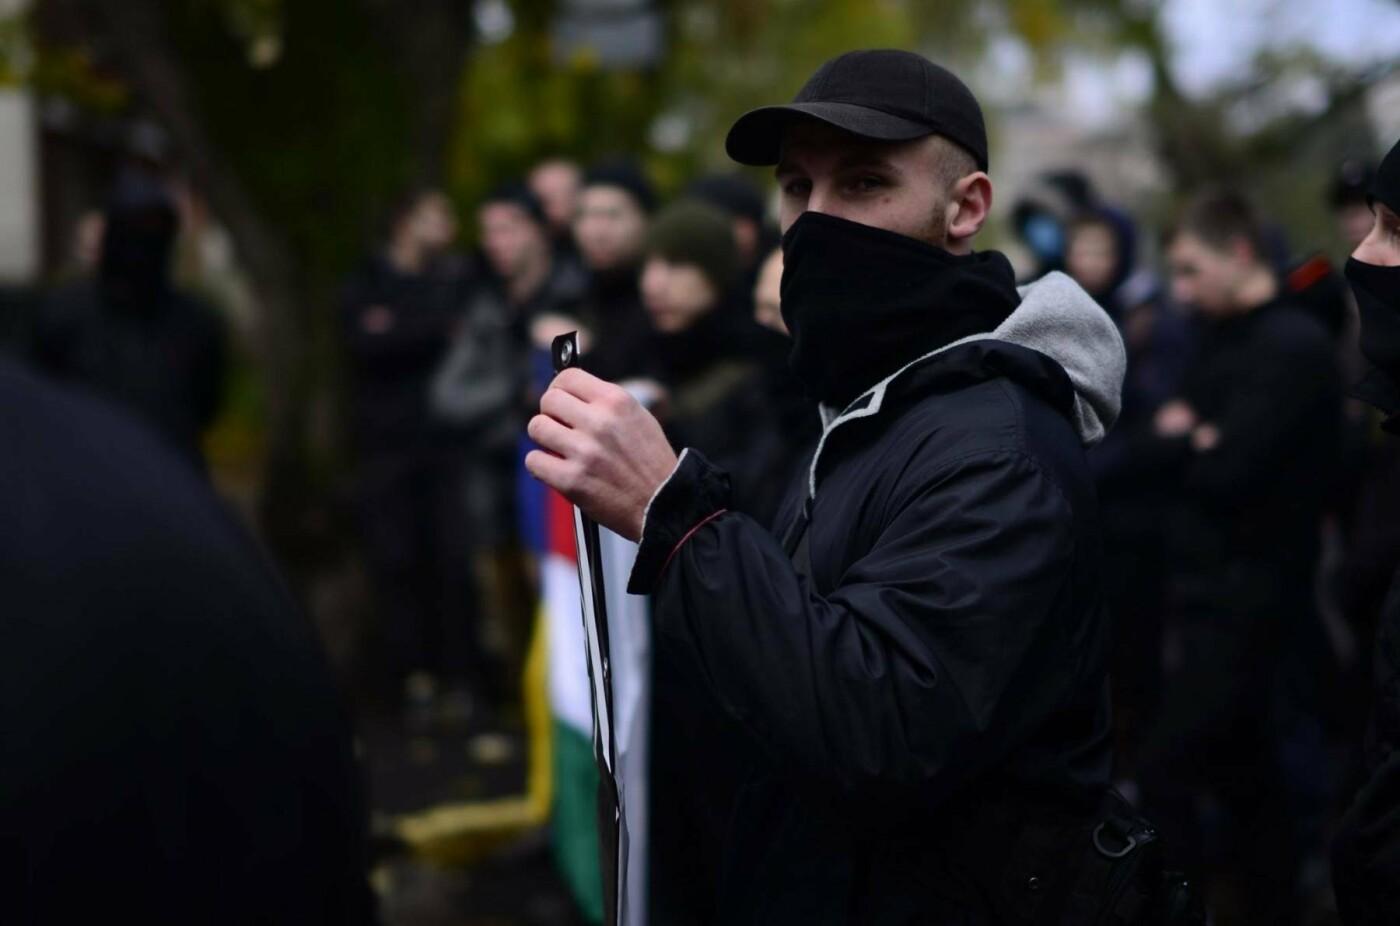 """В Ужгороді перед консульством Угорщини націоналісти """"Карпатської Січі"""" провели акцію, запаливши """"фаєри"""": фото, фото-1"""